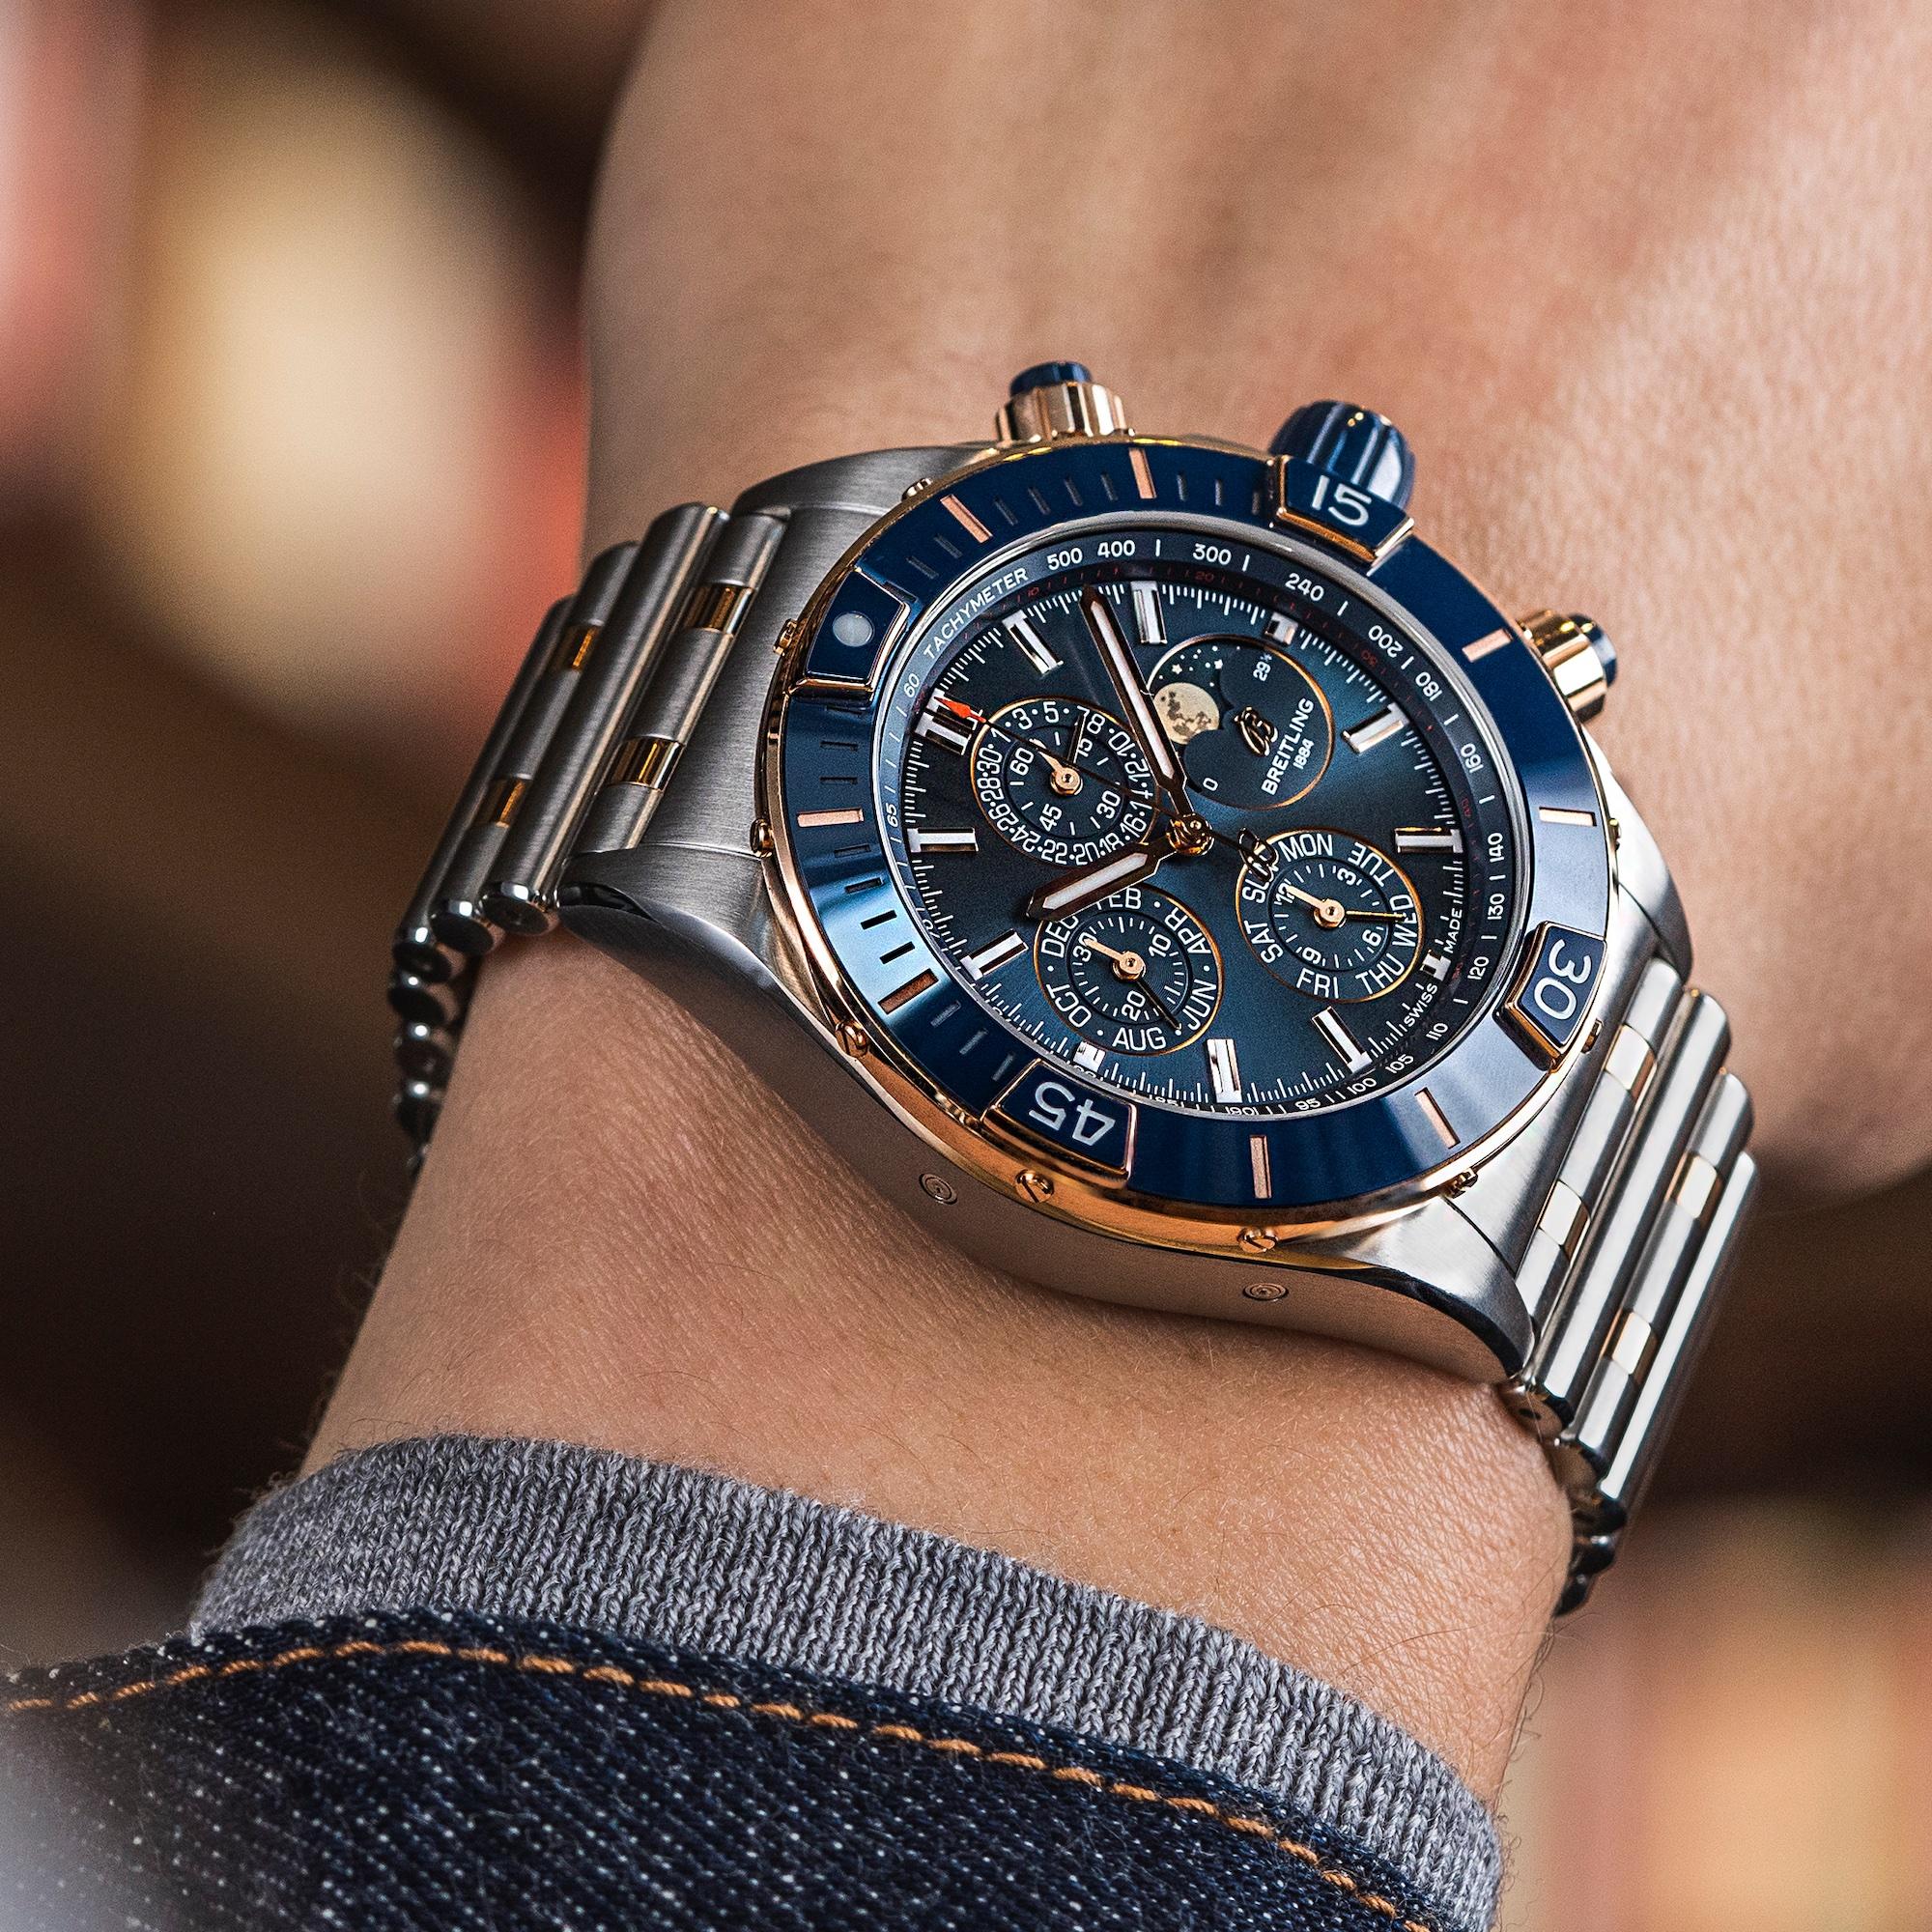 Breitling Super Chronomat 44 Four-Year Calendar U19320161C1U1 Lifestyle wristshot